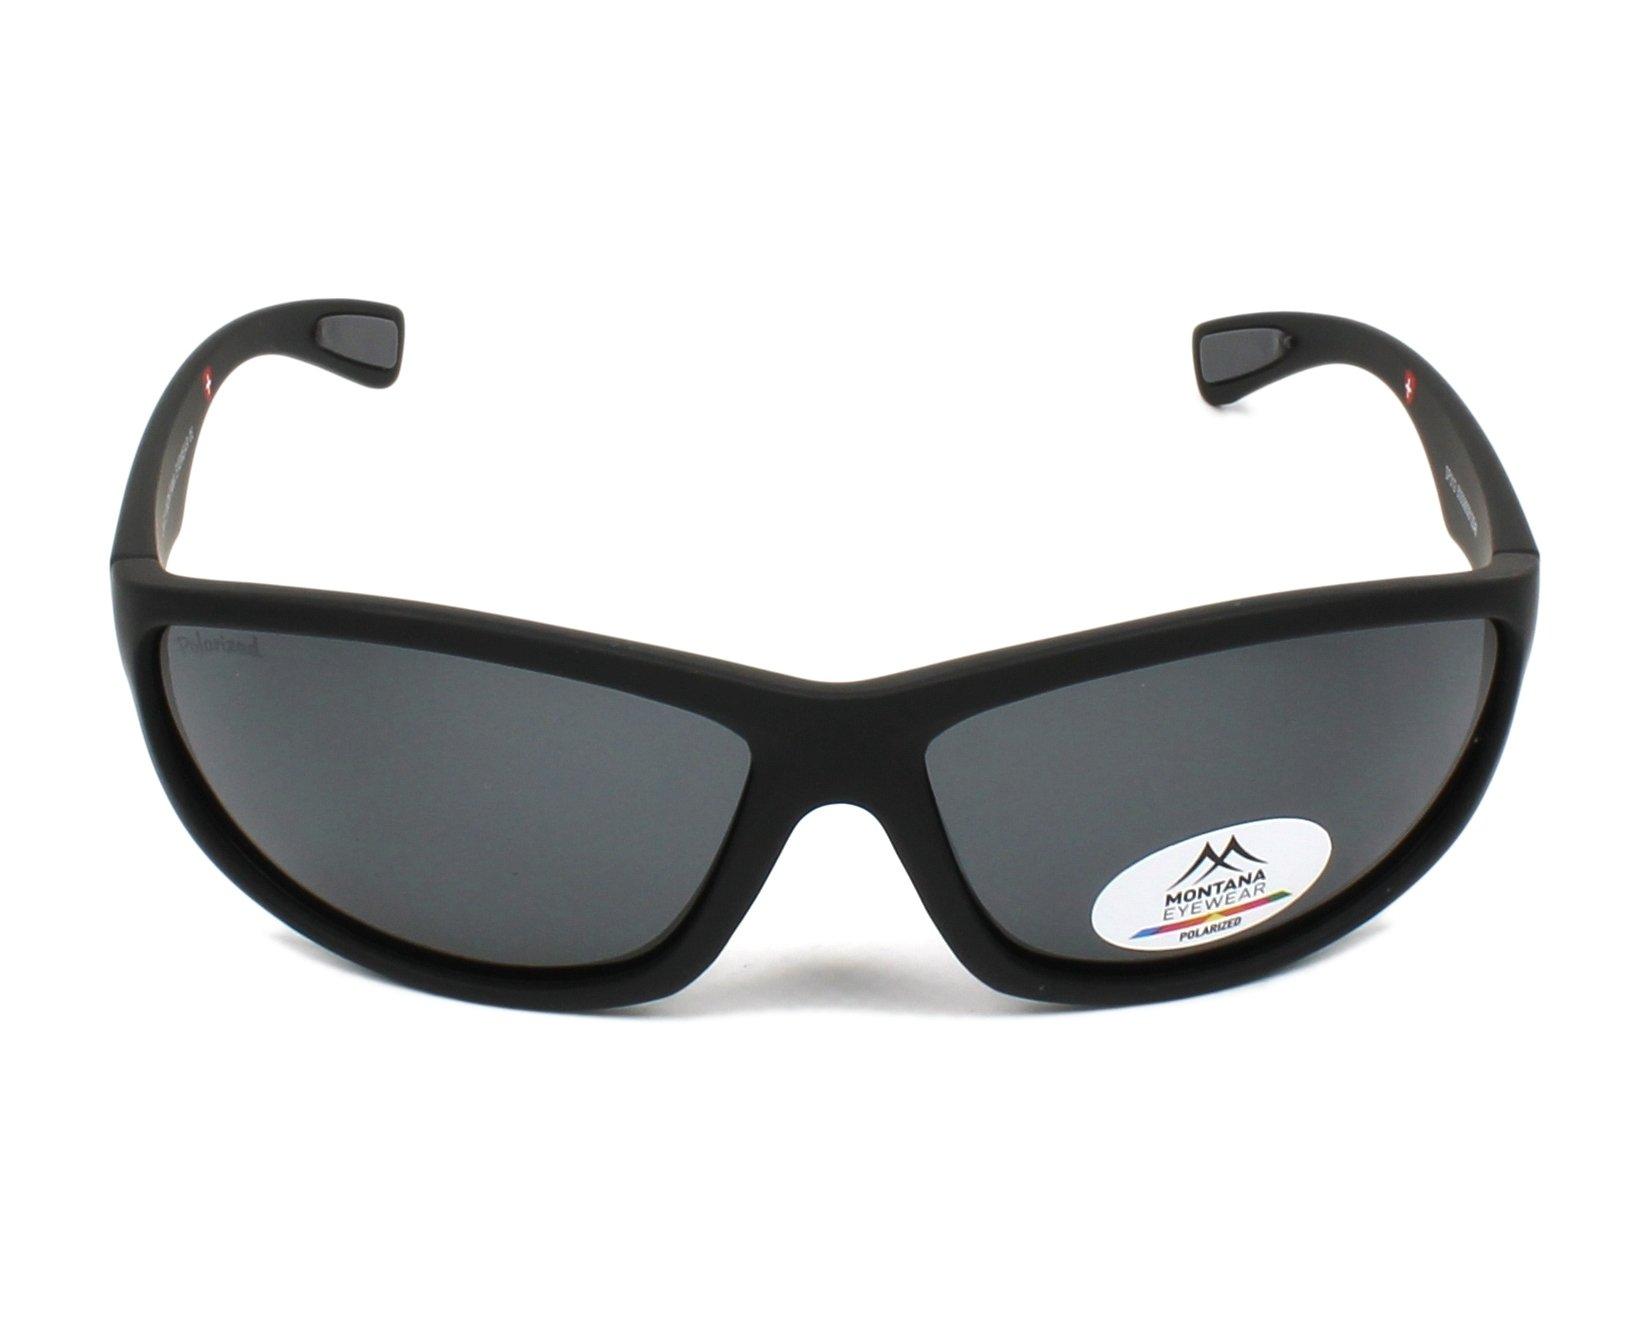 e28773f83c Gafas de sol Montana SP-312 BLACK 63-14 Negra vista de frente